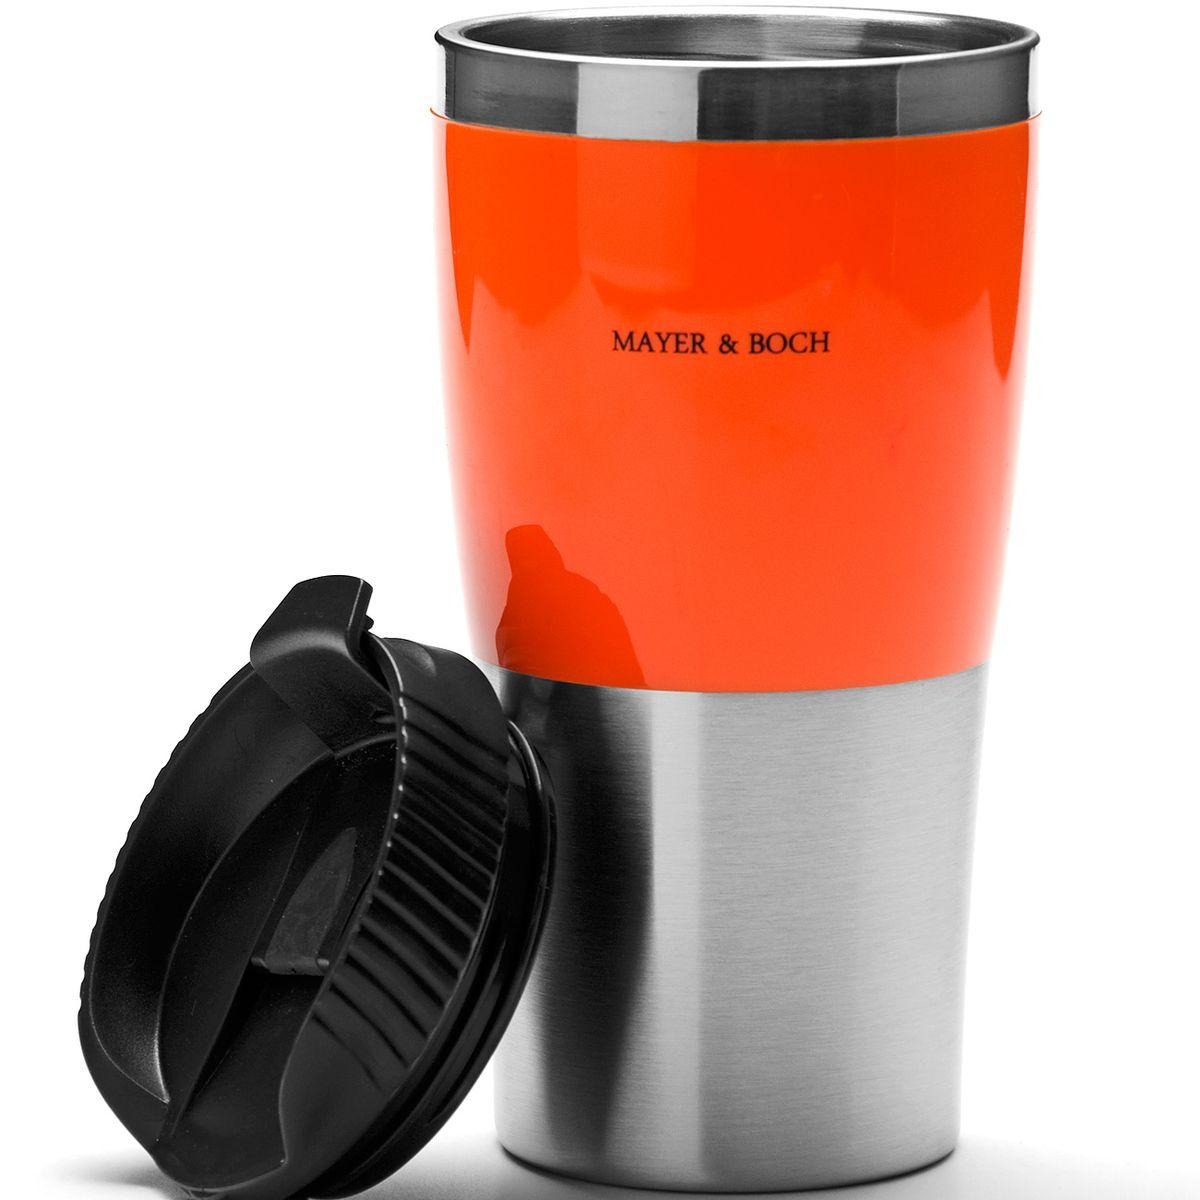 Кружка-термос Mayer & Boch, цвет: оранжевый, черный, 450 мл25408Термокружка Mayer & Boch изготовлена из нержавеющей стали и термостойкого пластика с двойными стенками, которые защищают руки от высоких температур и позволяют сохранять тепло напитка 1,5 часа. Надежная закручивающаяся крышка с защитой от проливания обеспечит дополнительную безопасность.Крышка оснащена клапаном для питья. Оптимальный объем позволит взять с собой большую порцию горячего кофе или чая. Идеально подходит для холодных напитков.Такая кружка может быть использована во время отдыха, на работе, в путешествии, во время поездок в автомобиле.Материал: акрилонитрил.Высота кружки-термоса (с учетом крышки): 17,8 см. Диаметр основания кружки-термоса: 6,5 см.Диаметр горлышка: 8,3 см.